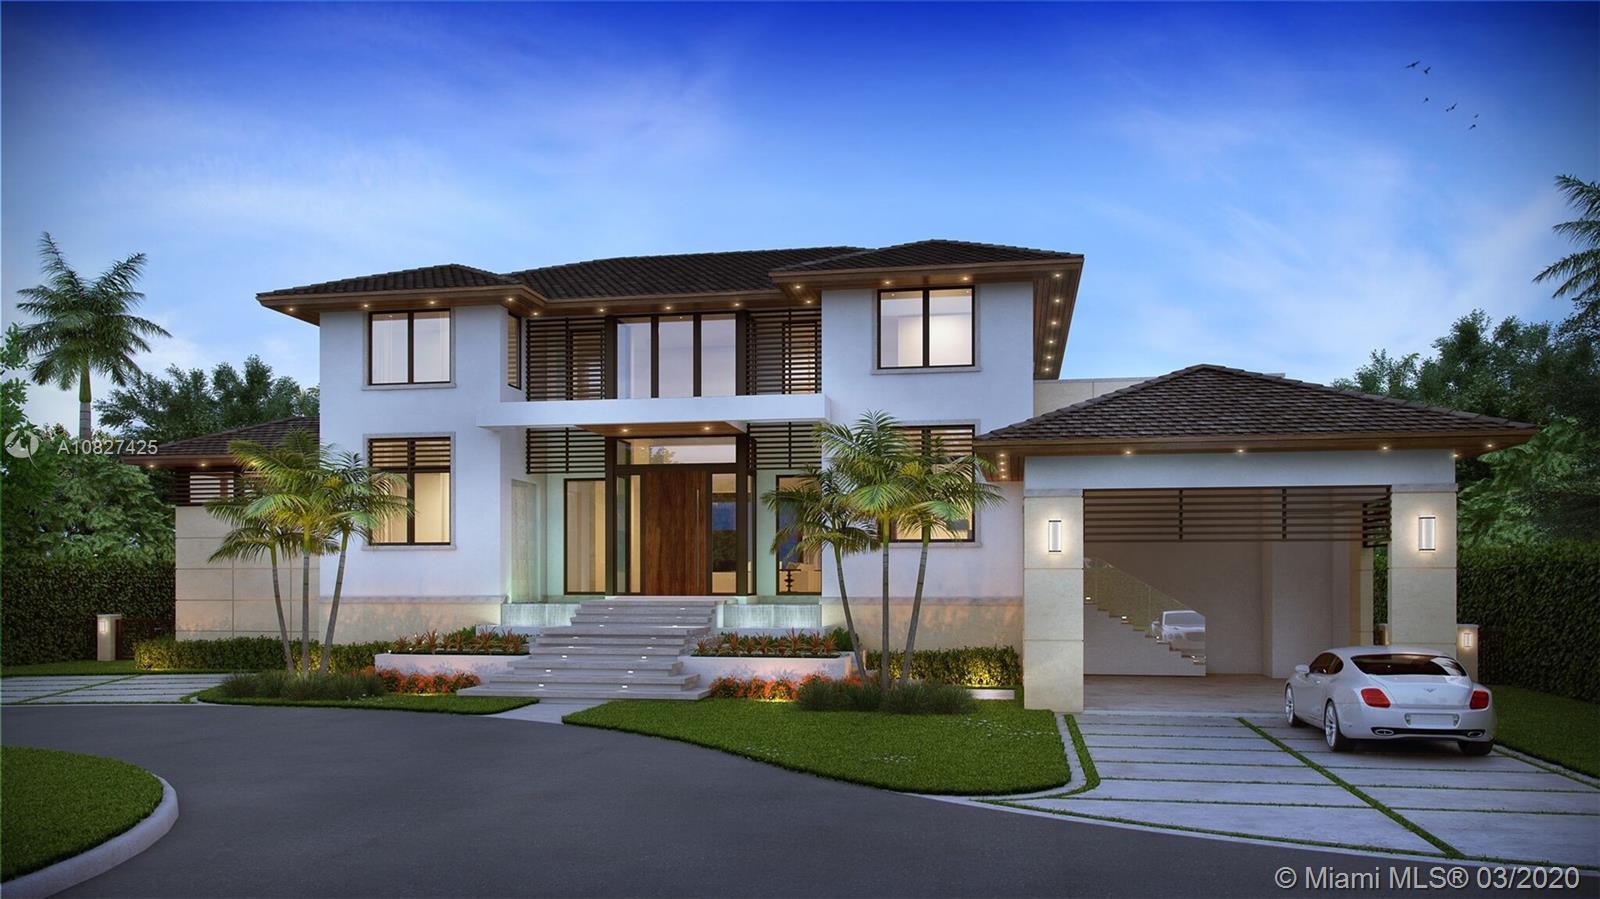 13007 San Jose Street, Coral Gables, Florida